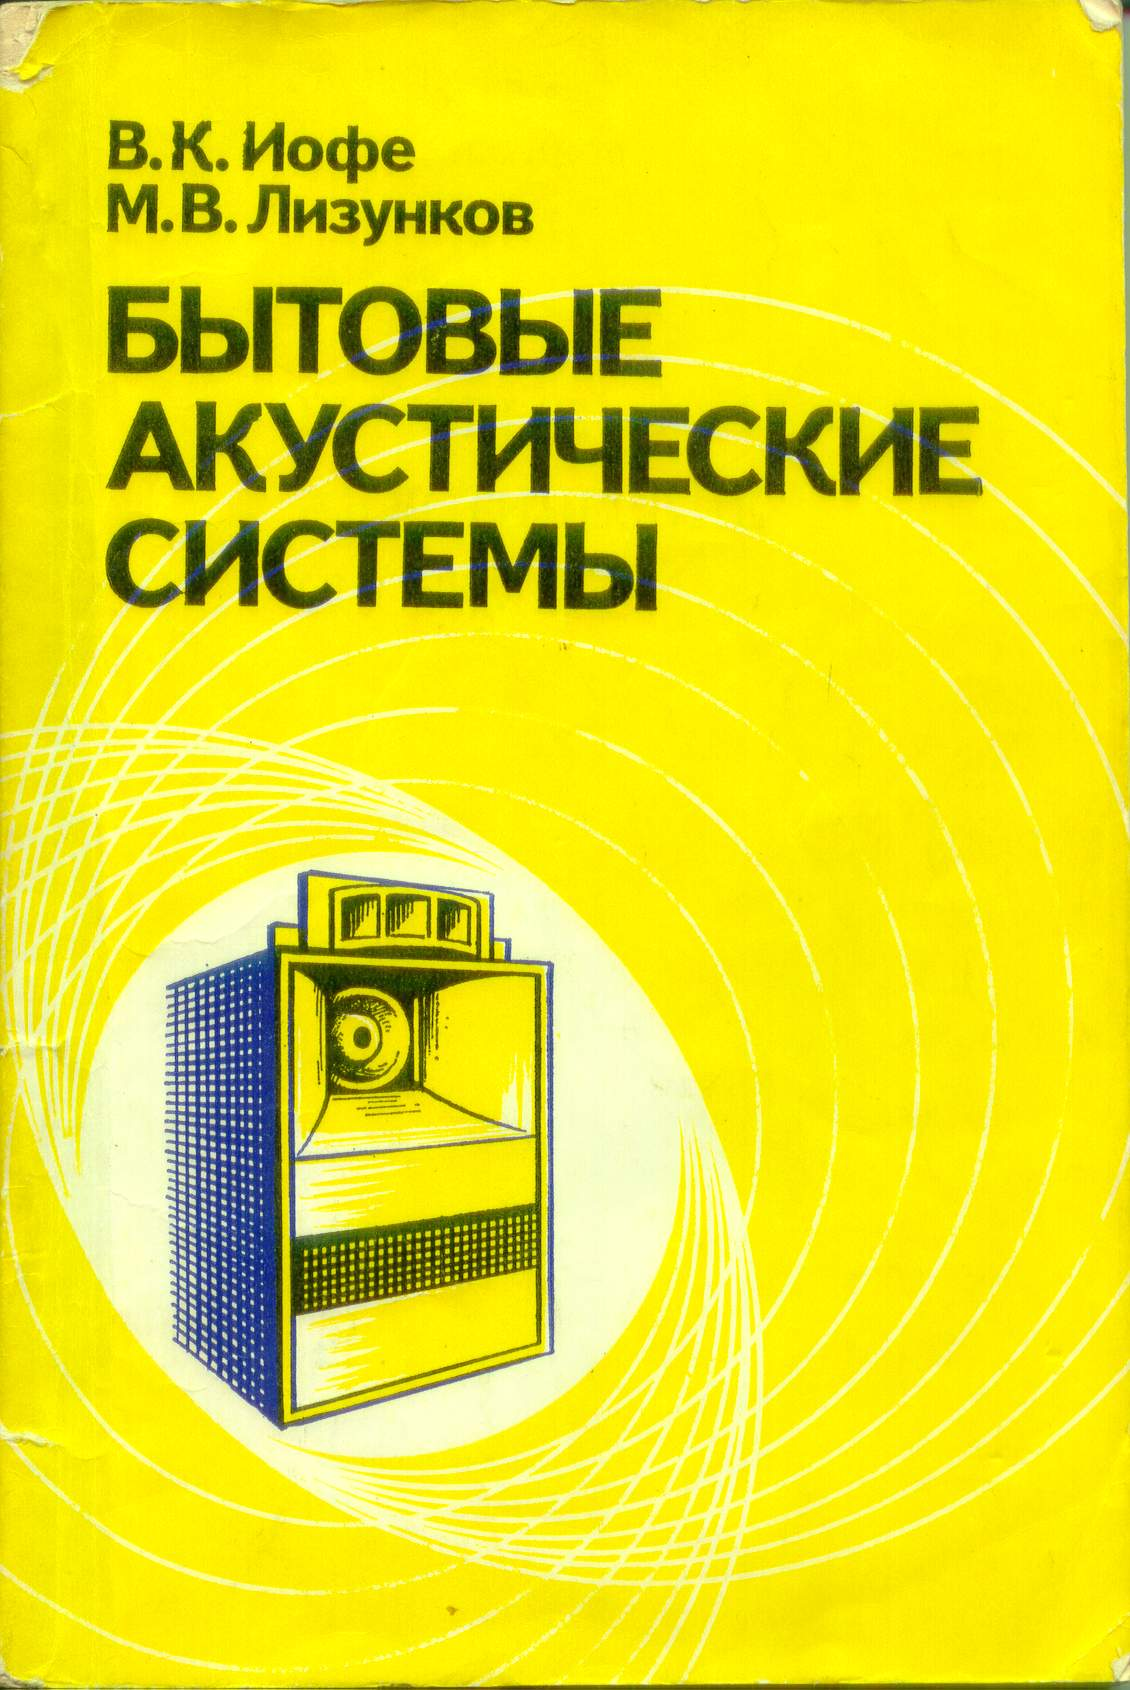 Китаев основами 1985 электроники электротехника с промышленной